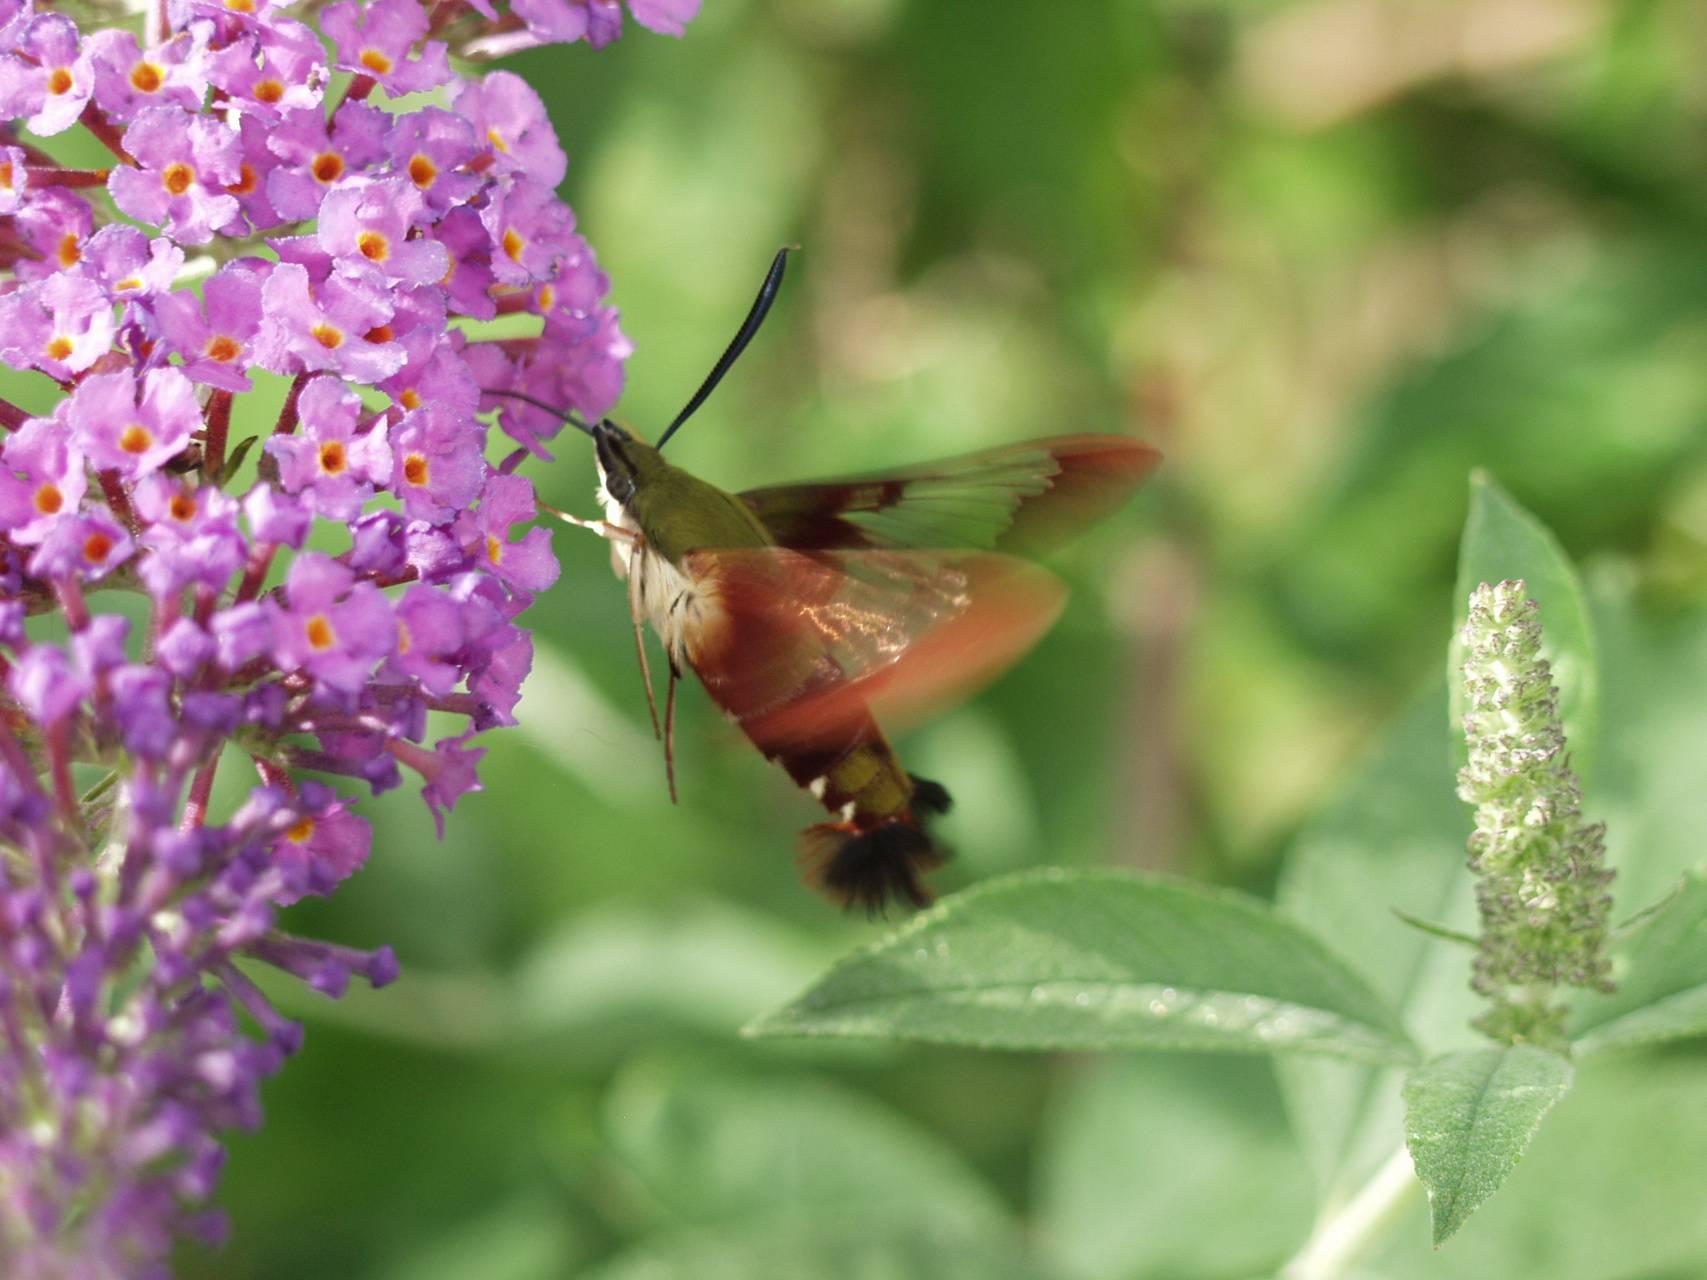 hummimg moth